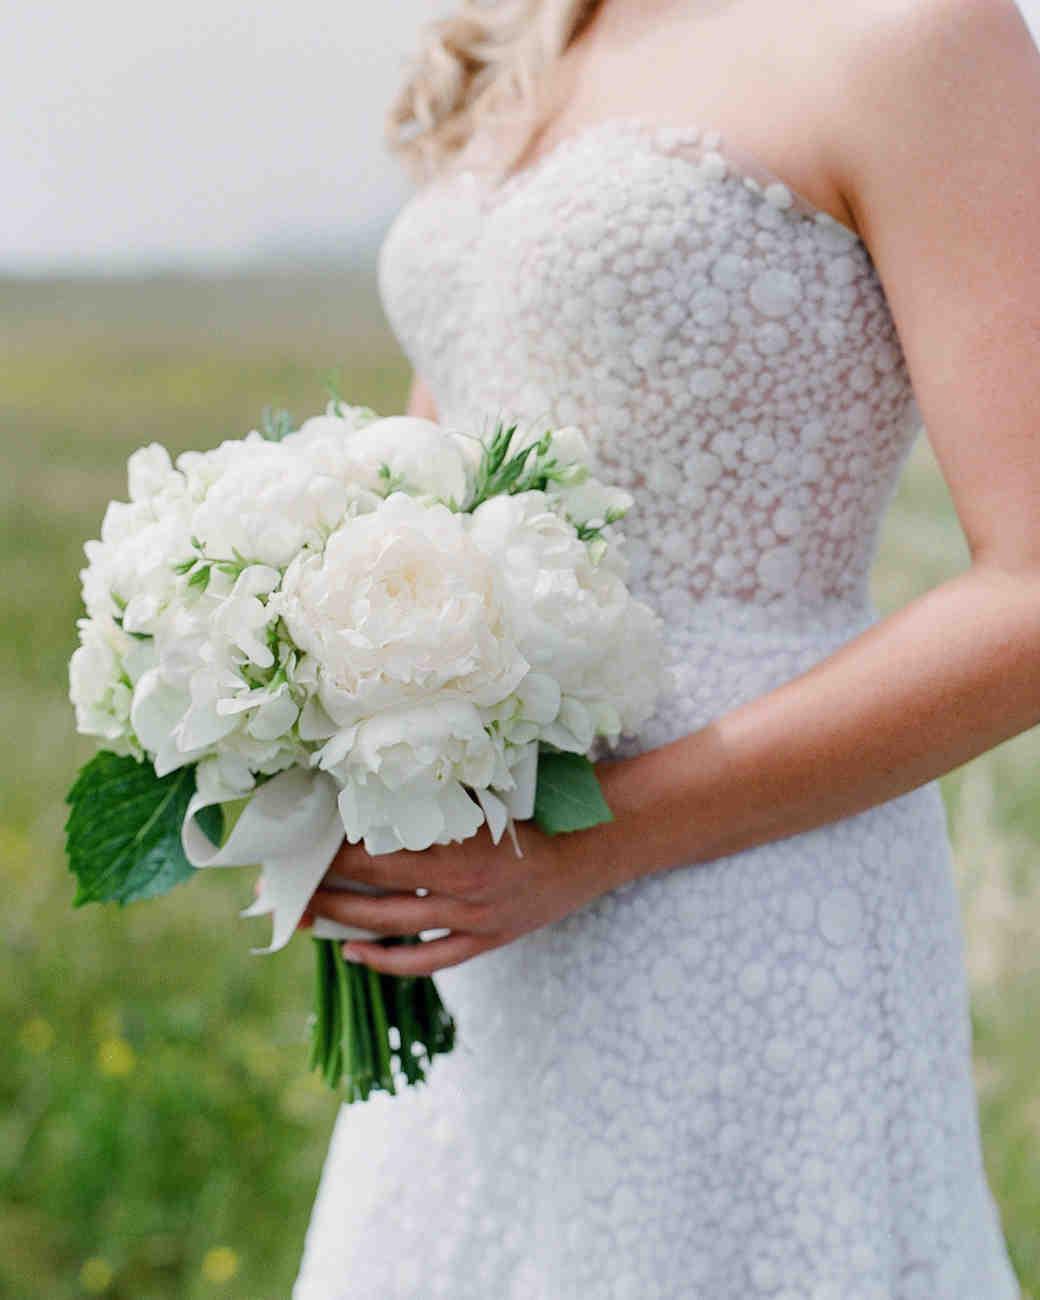 whitney zach wedding bride bouquet white peonies